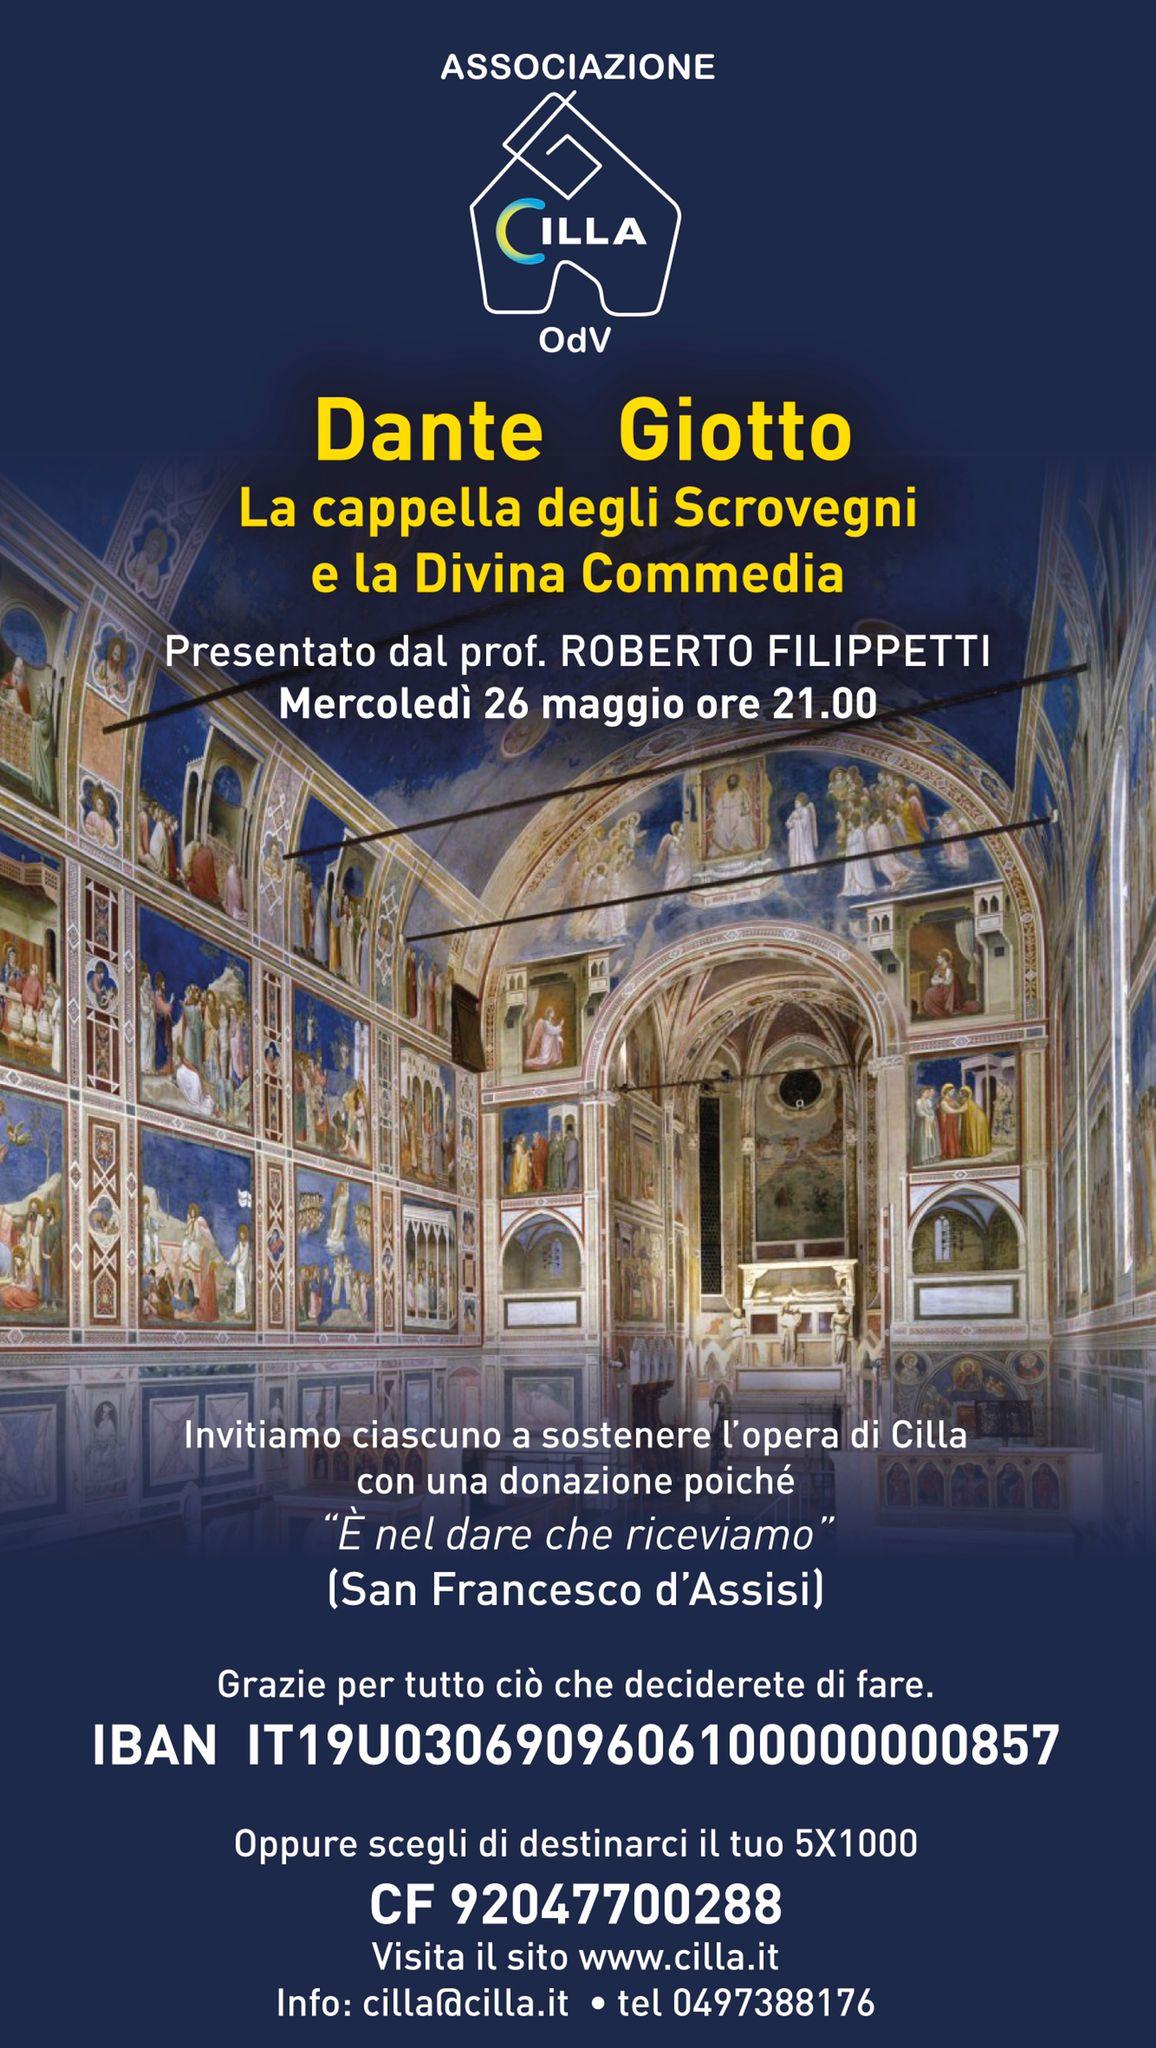 Dante e Giotto